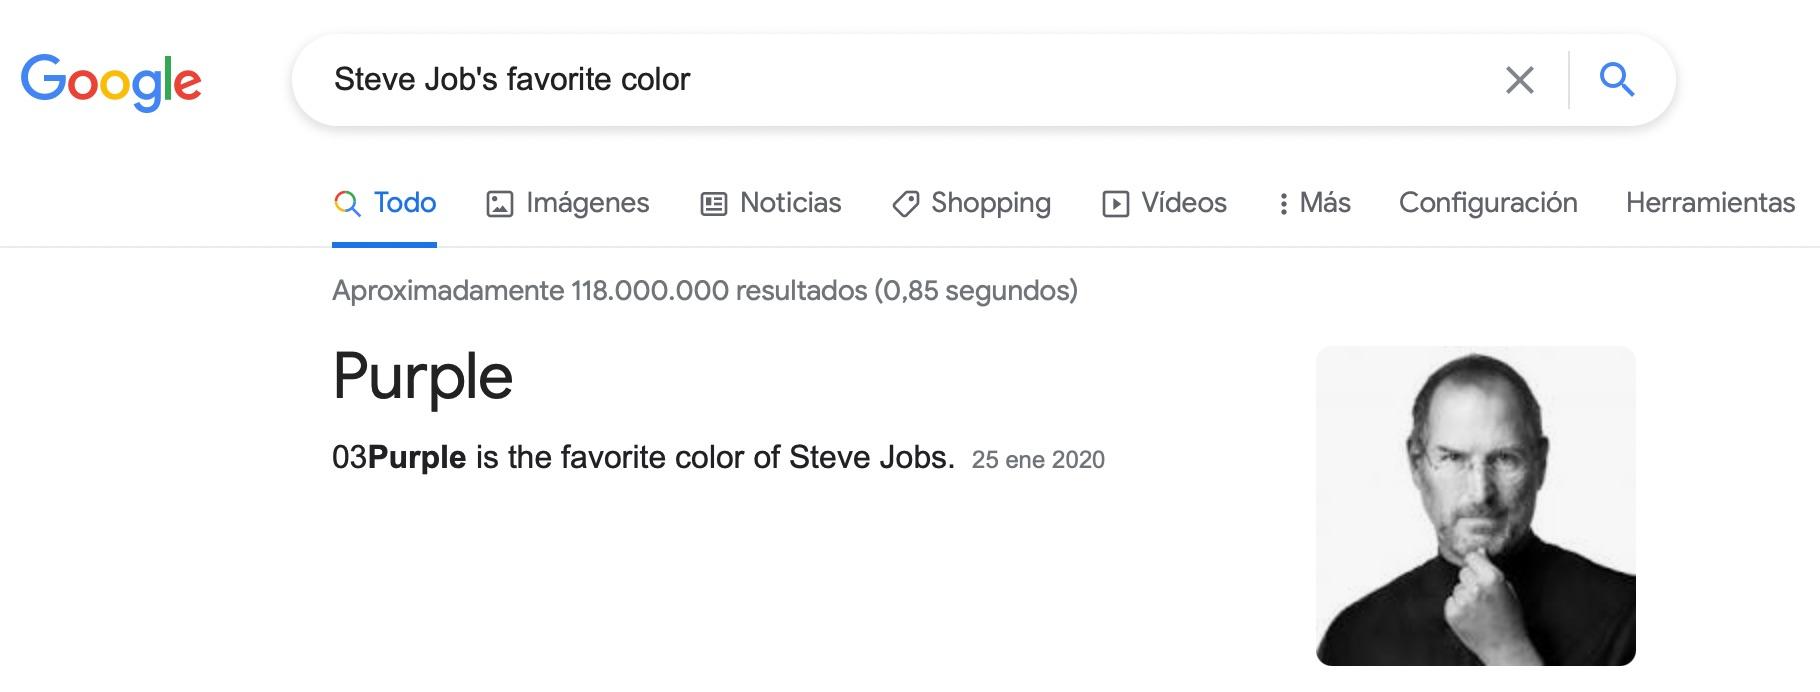 El púrpura es el color favorito de Steve Jobs